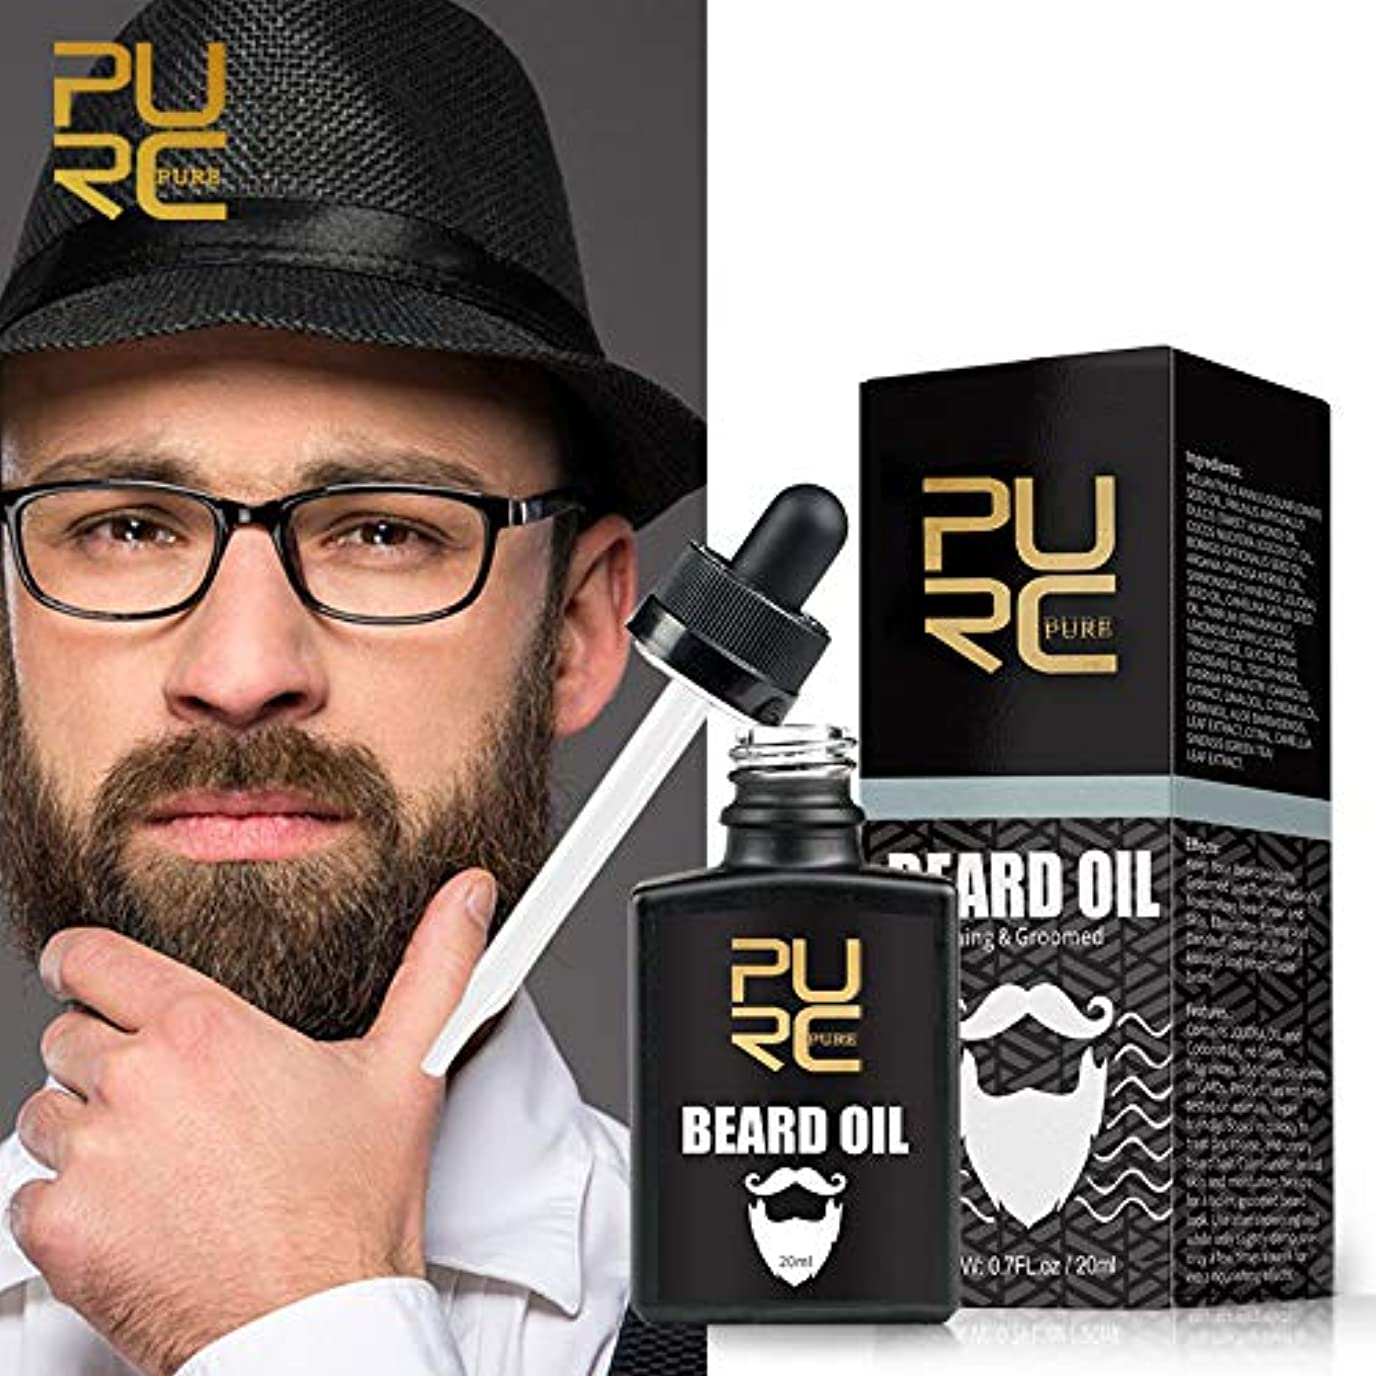 整理する修理工報復PURCビアードオイル栄養と手入れにより、ひげがかゆみとふけ防止のビアードオイルを排除 PURC Beard Oil Nourishing & Groomed Moisturizes Beard Eliminates Itching...